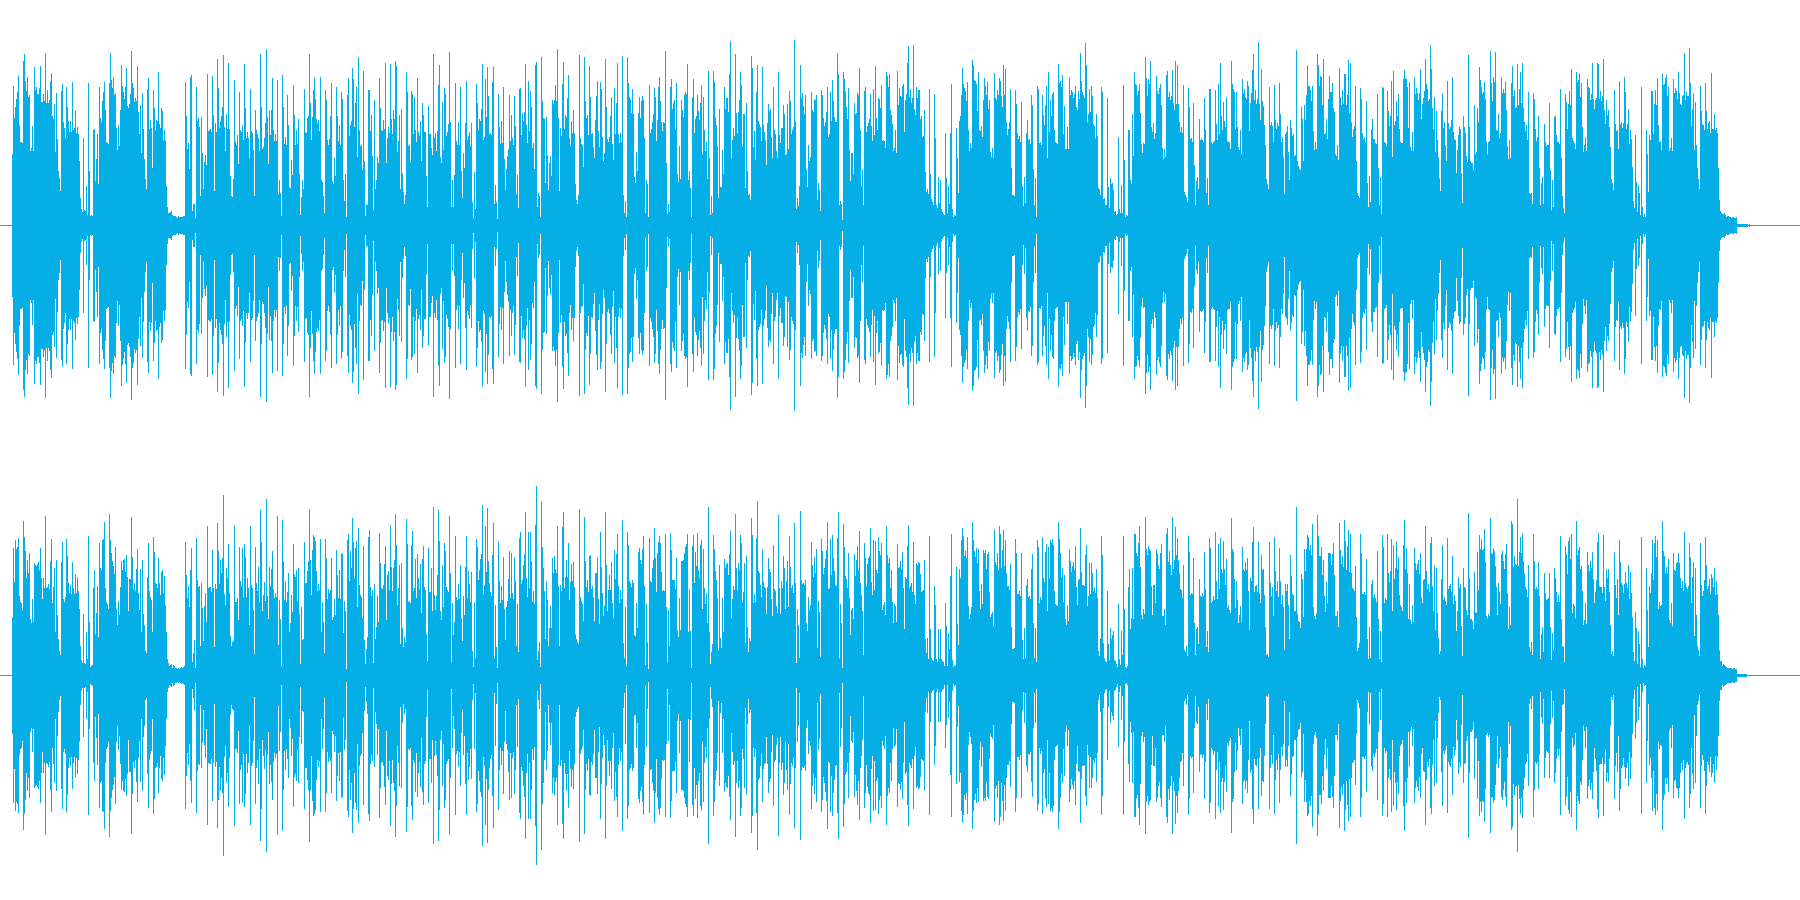 ミュートの入ったベース音が特徴のポップスの再生済みの波形